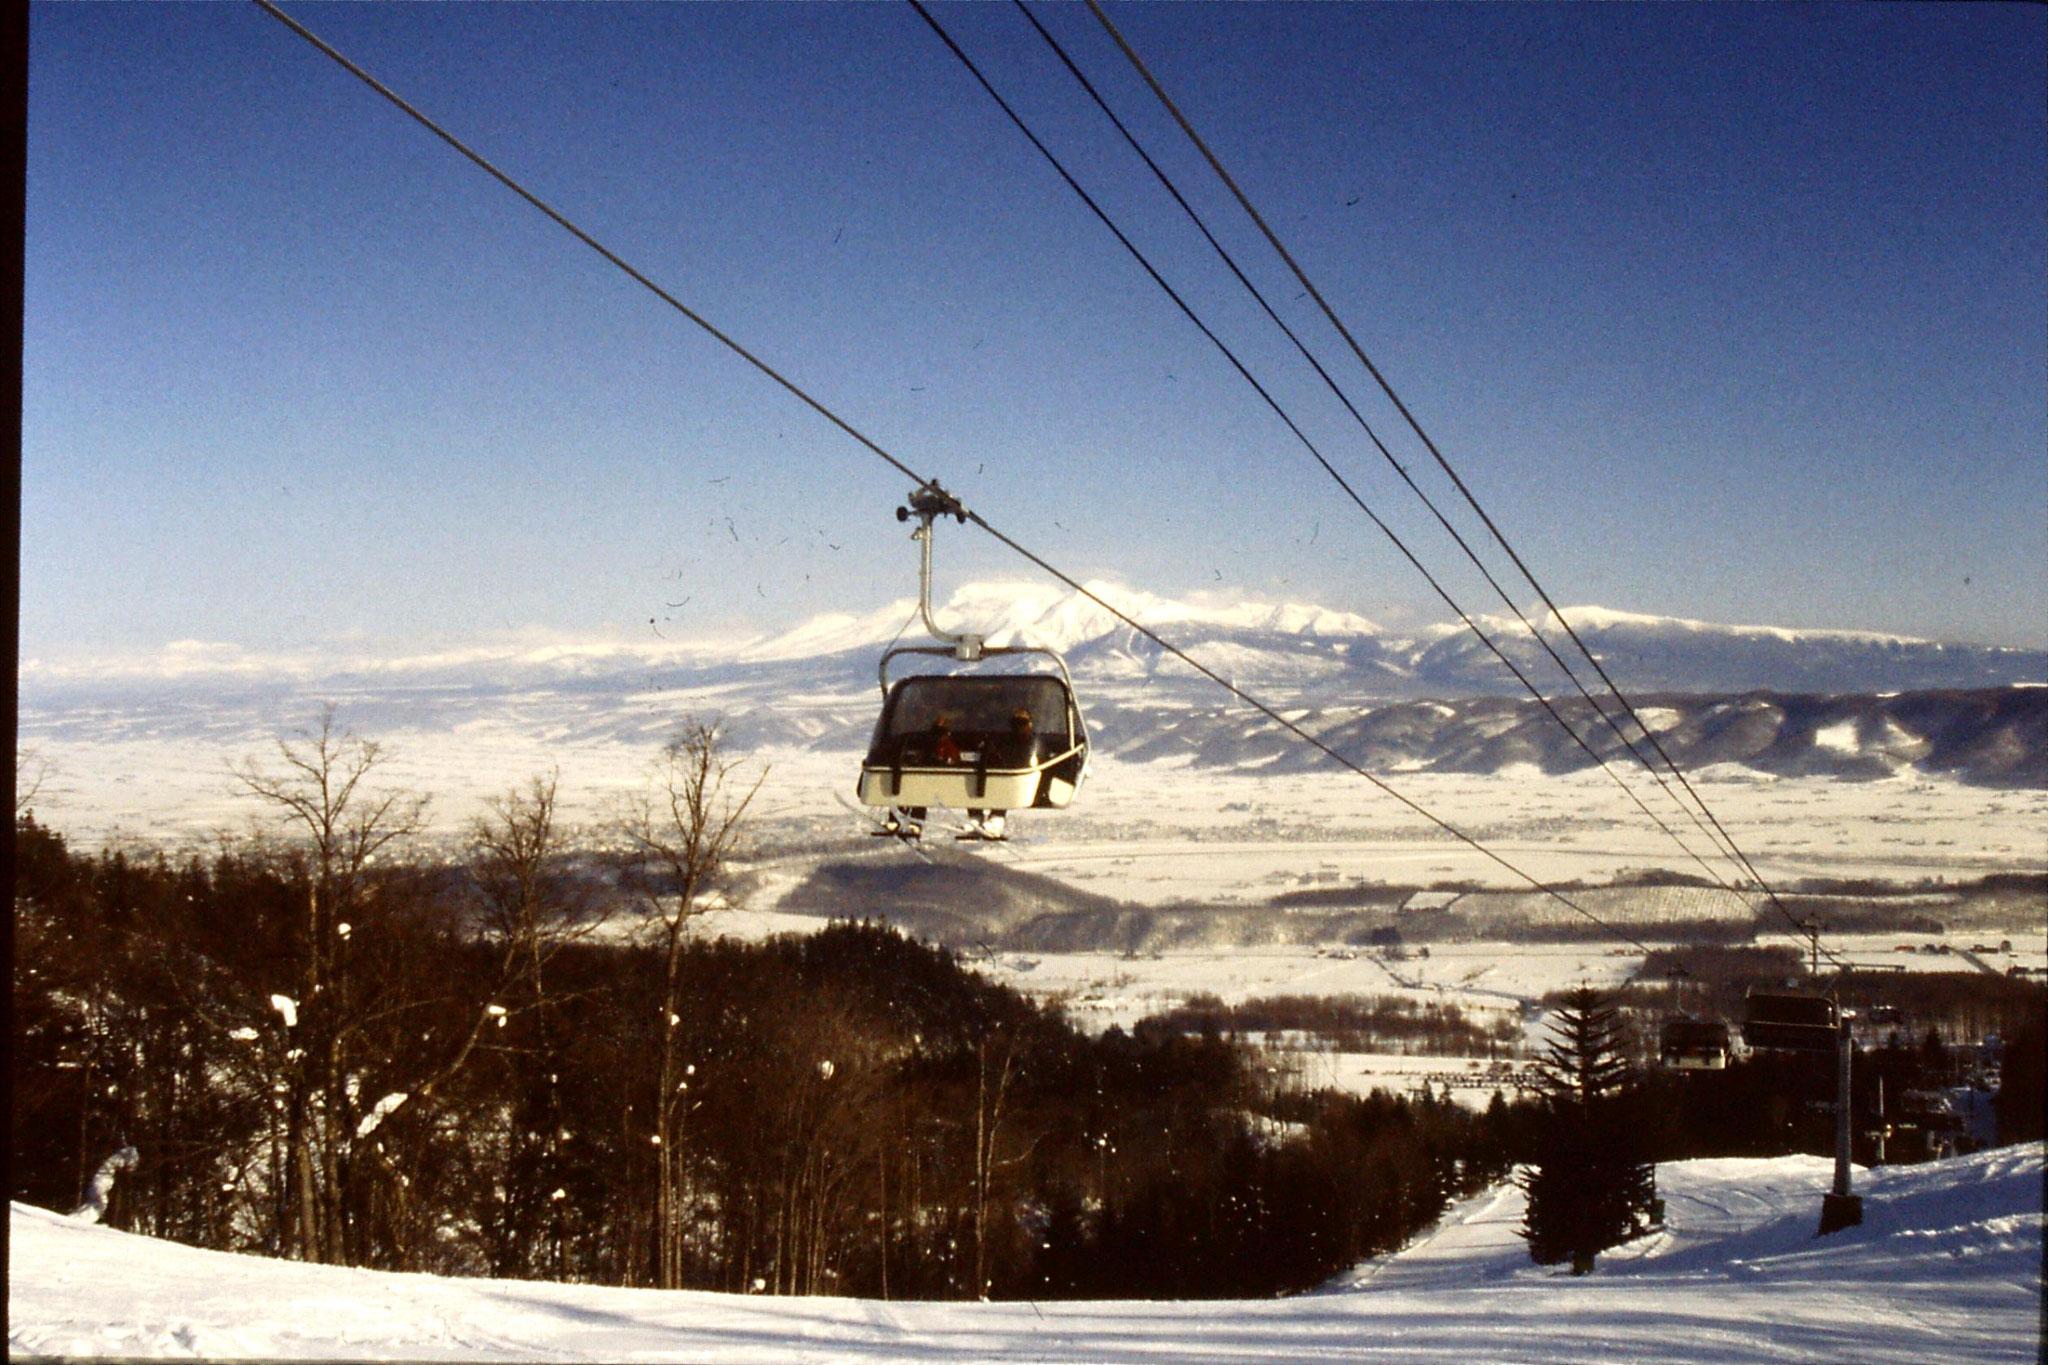 13/1/1989: 25: Furano ski resort